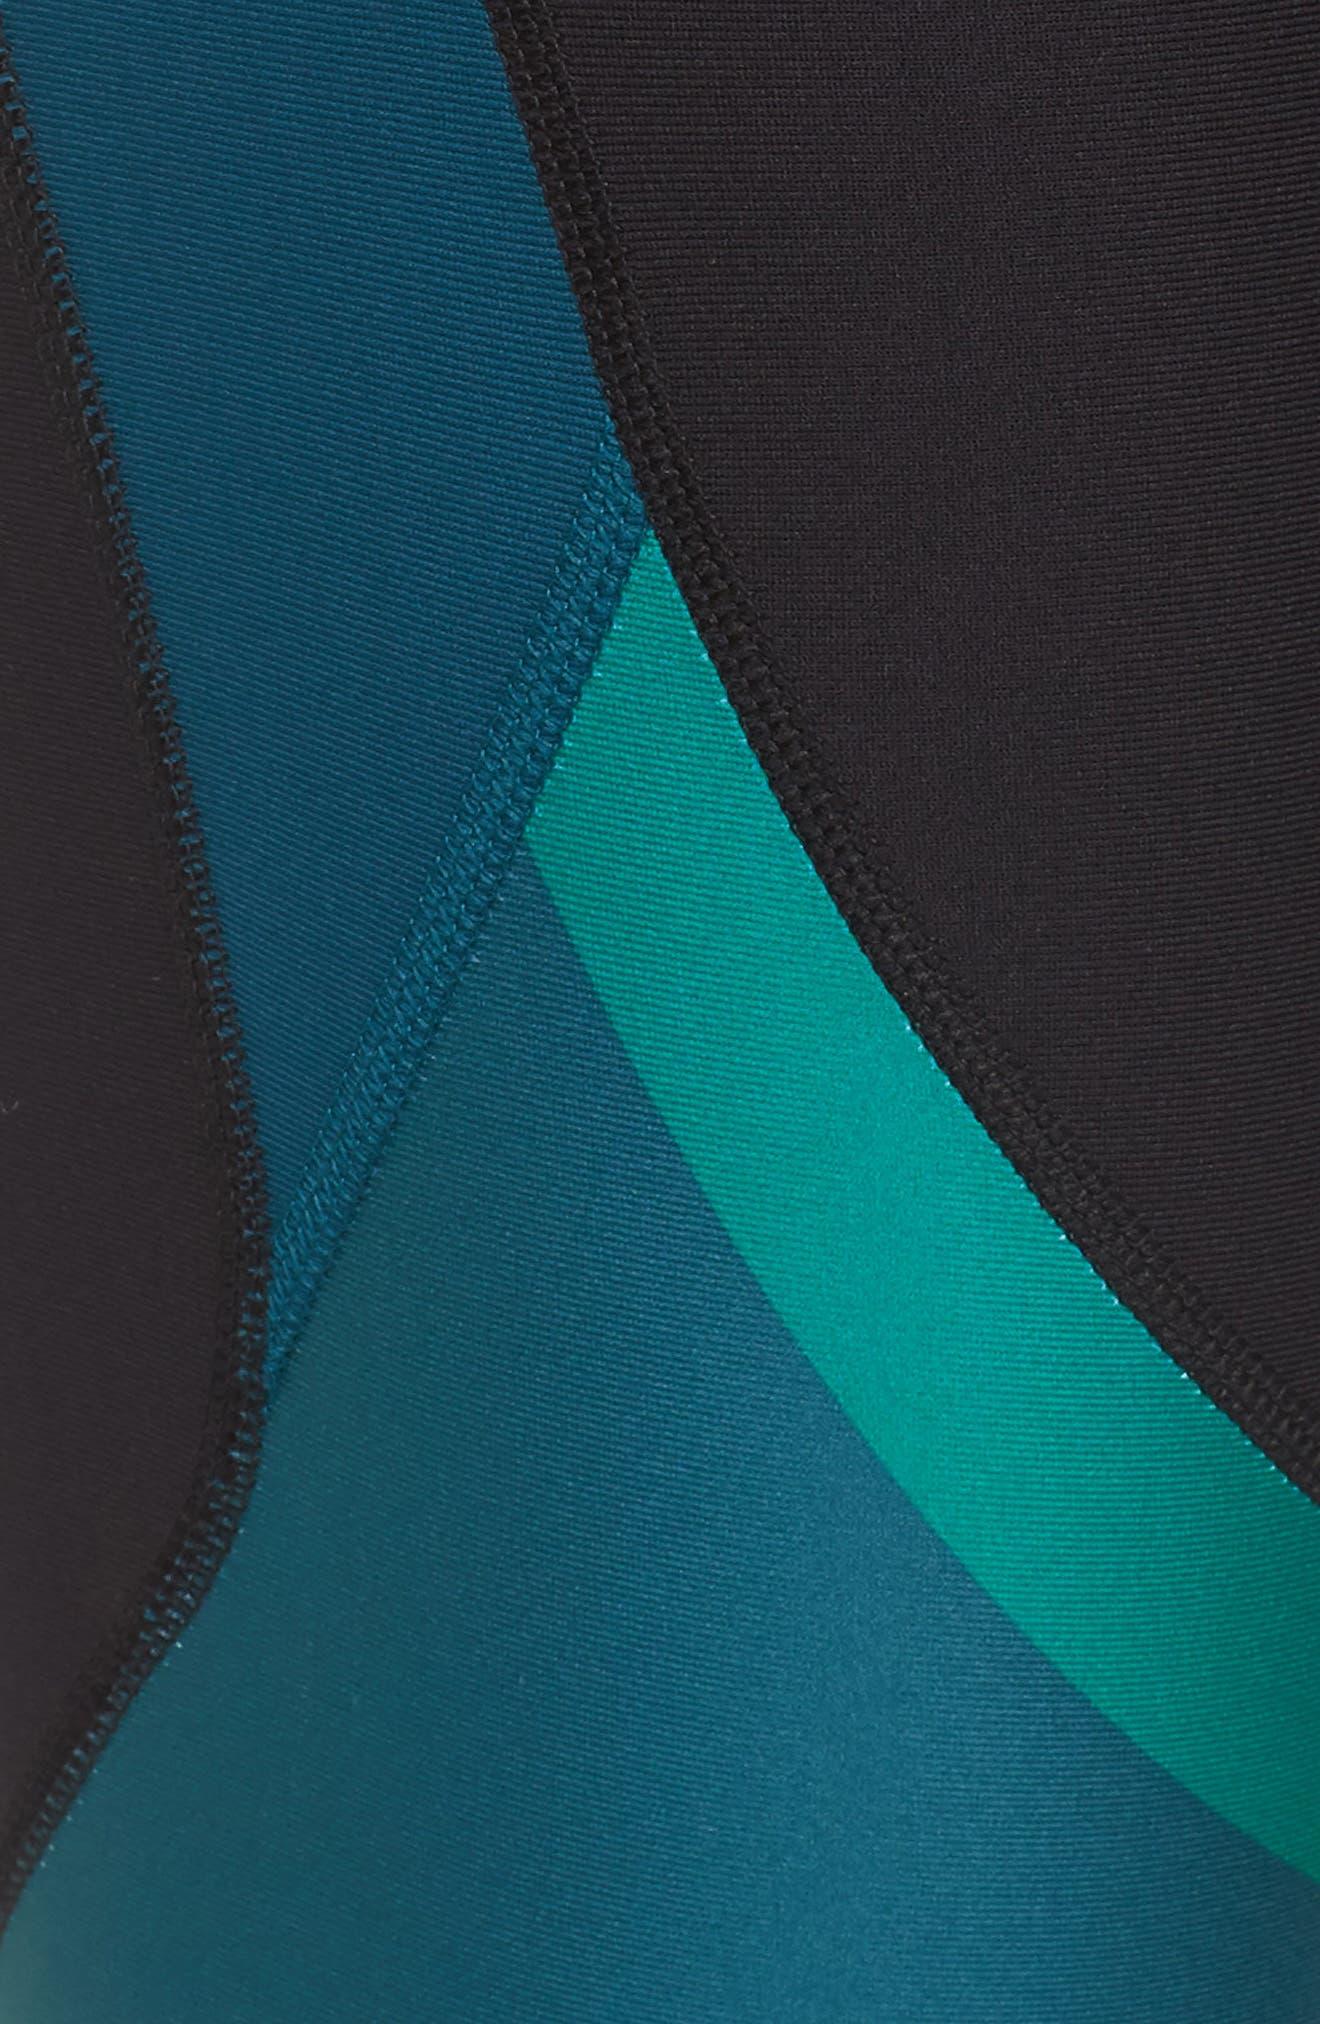 Vanish Chop Block Studio Leggings,                             Alternate thumbnail 6, color,                             002